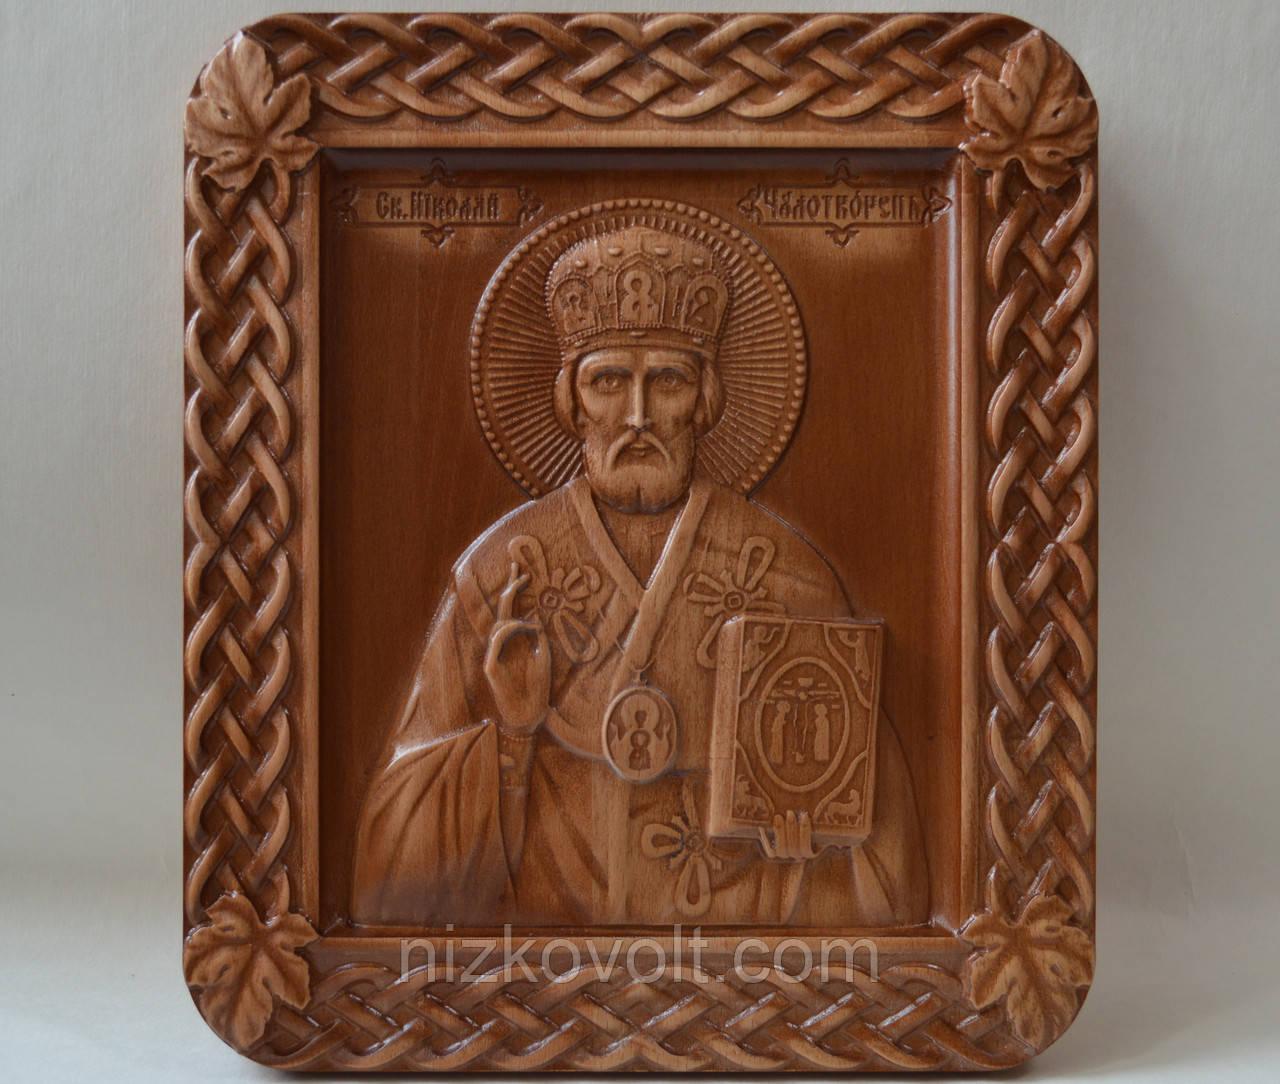 Икона Николая Чудотворца - резьба по дереву (235х275х18 мм)